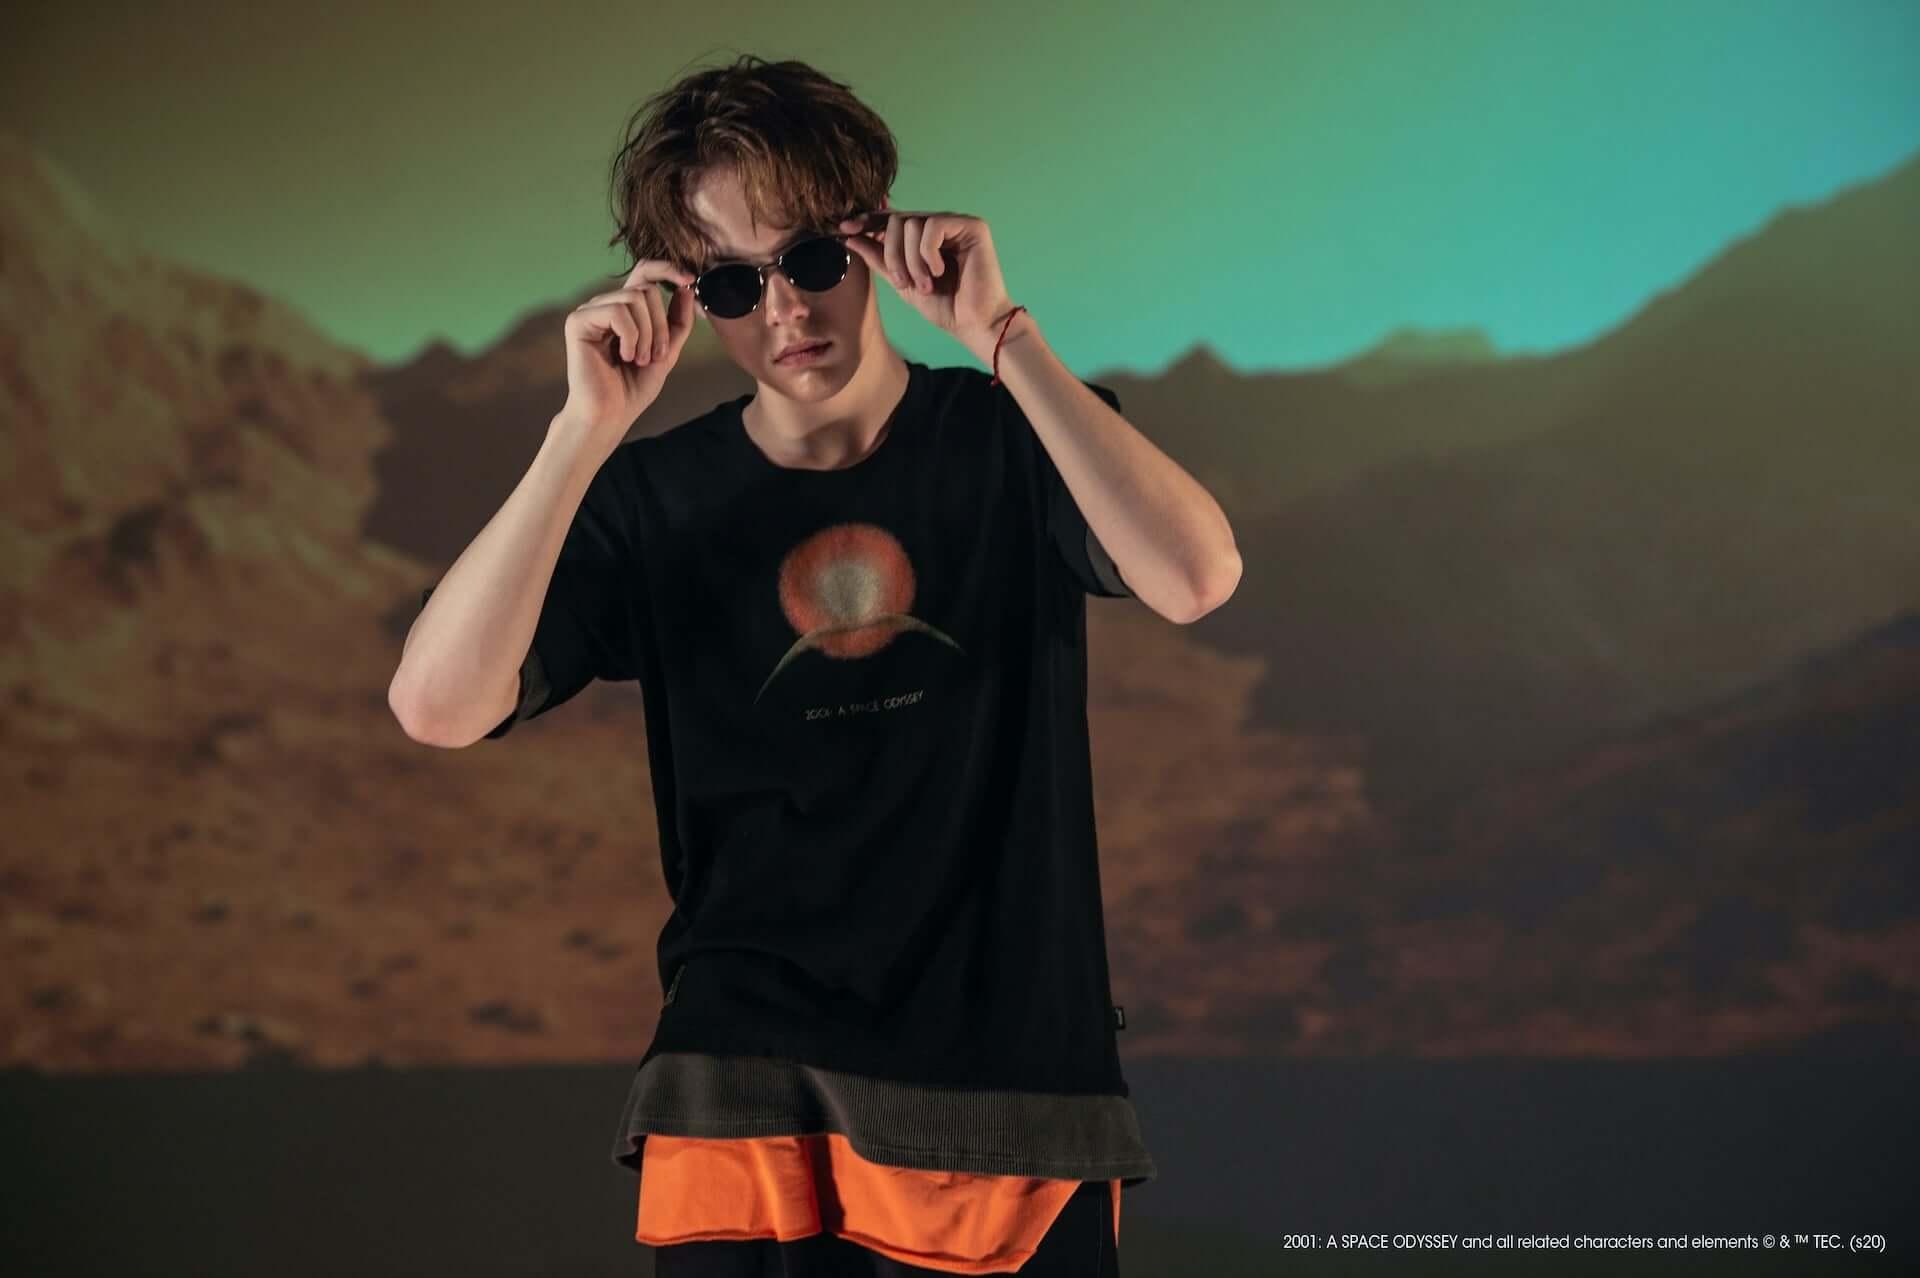 『シャイニング』や『時計じかけのオレンジ』のロゴやあのシーンも!glambとスタンリー・キューブリック作品とのコラボコレクションが登場 life200327_glamb_collection_2-1920x1278